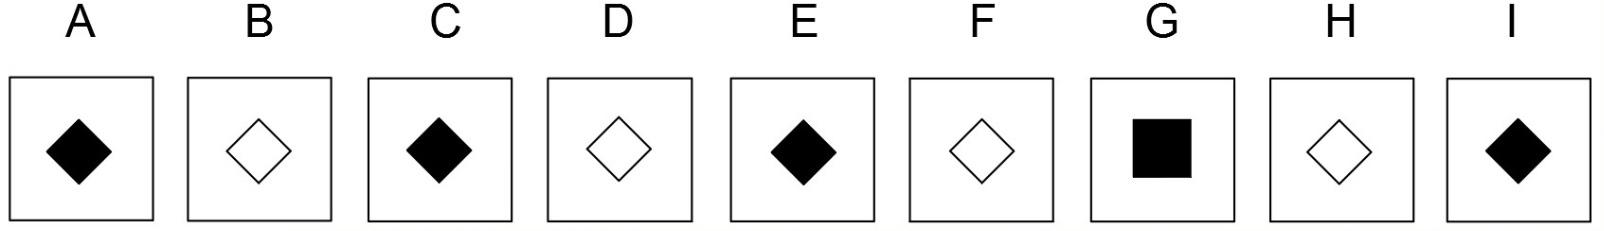 Exemple de question de raisonnement abstrait (cut-e scales ix)